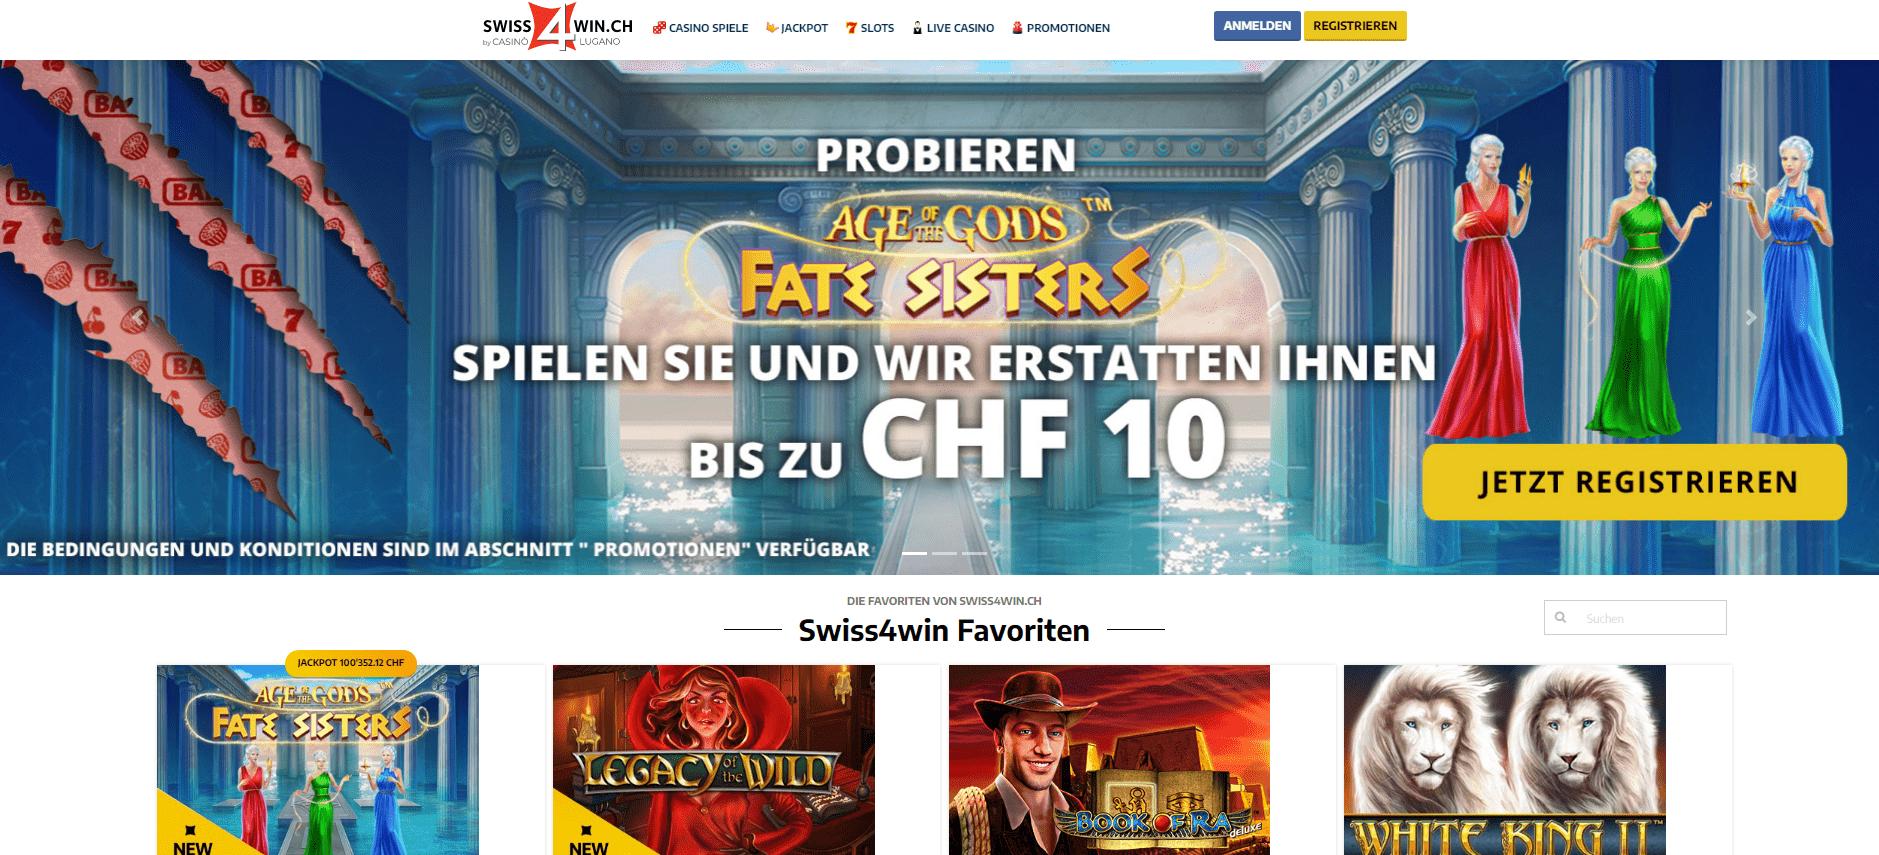 swiss4win casino